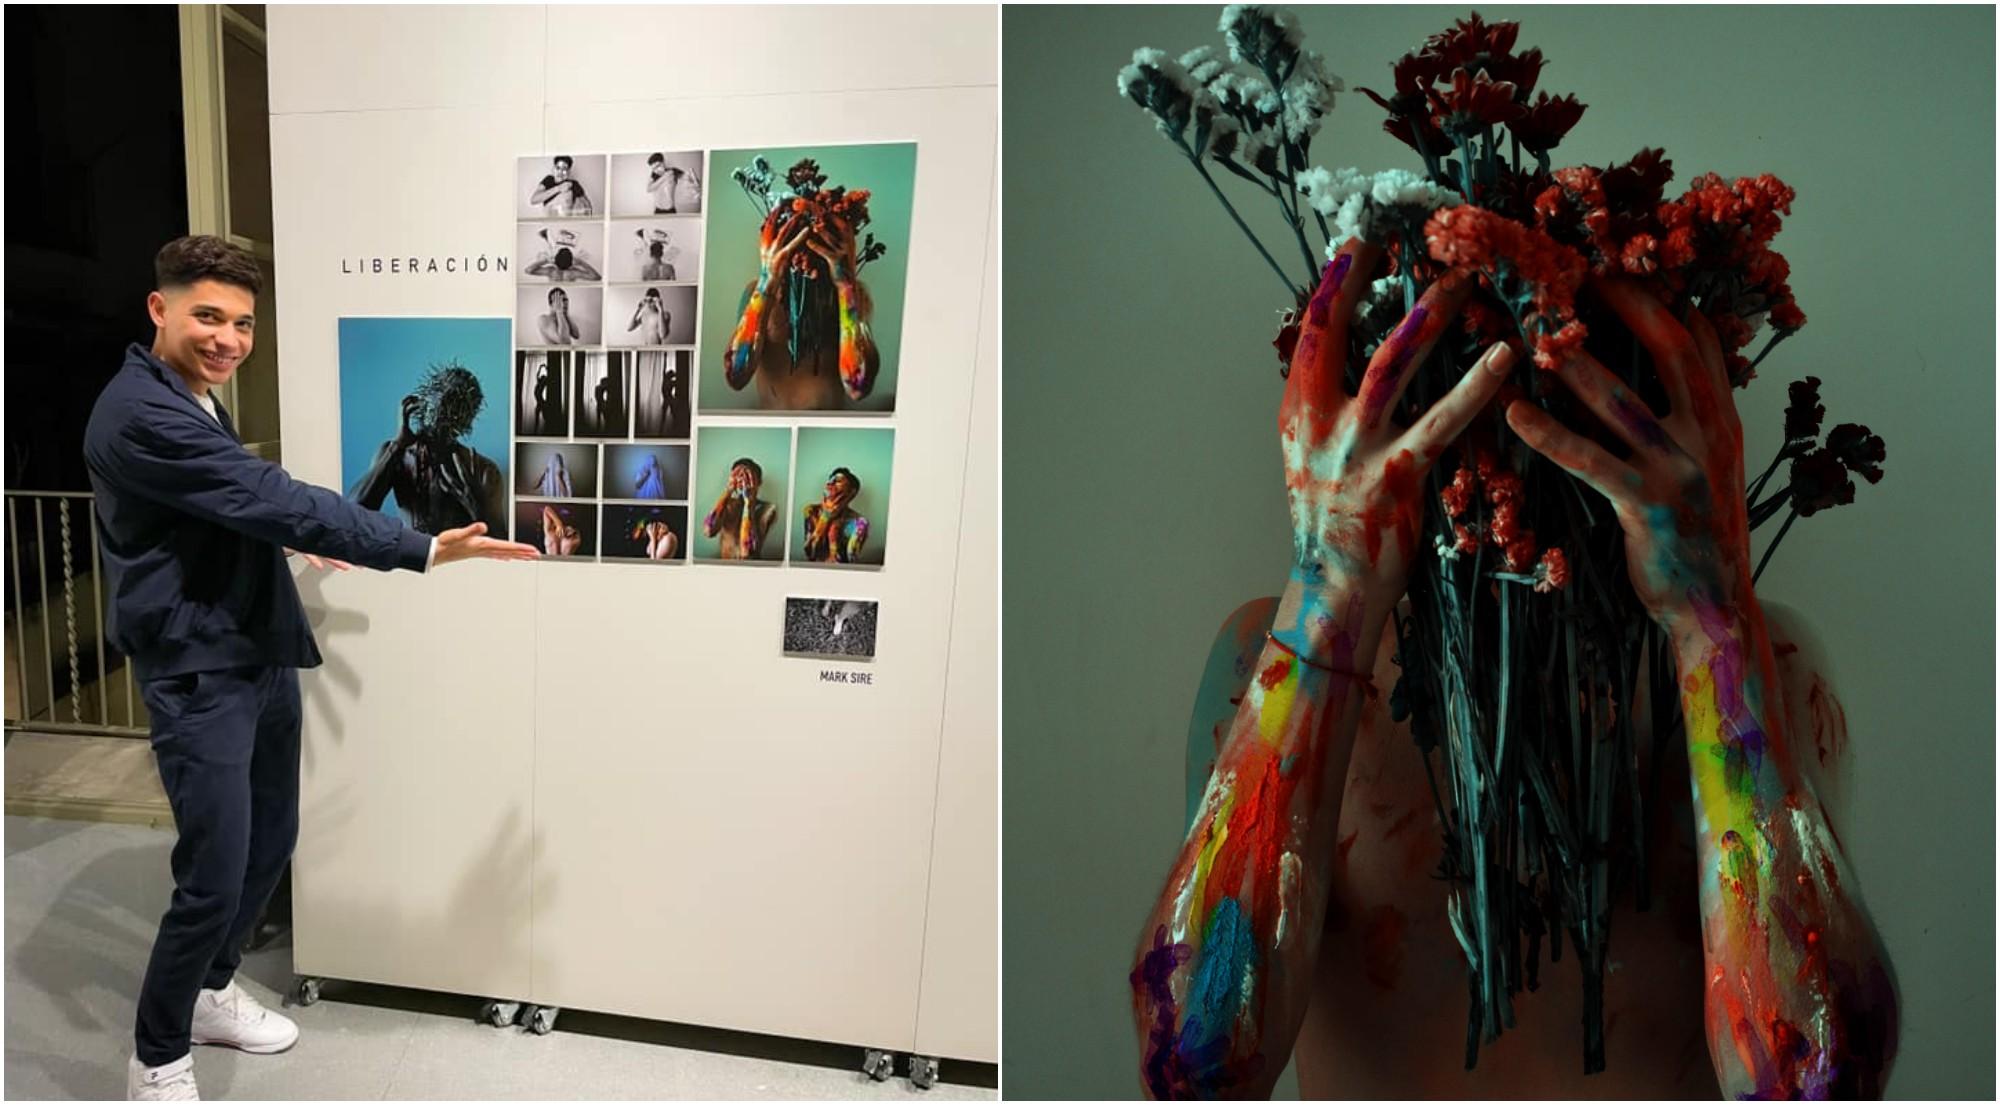 Hondureño destaca en exposición de fotografía en Barcelona